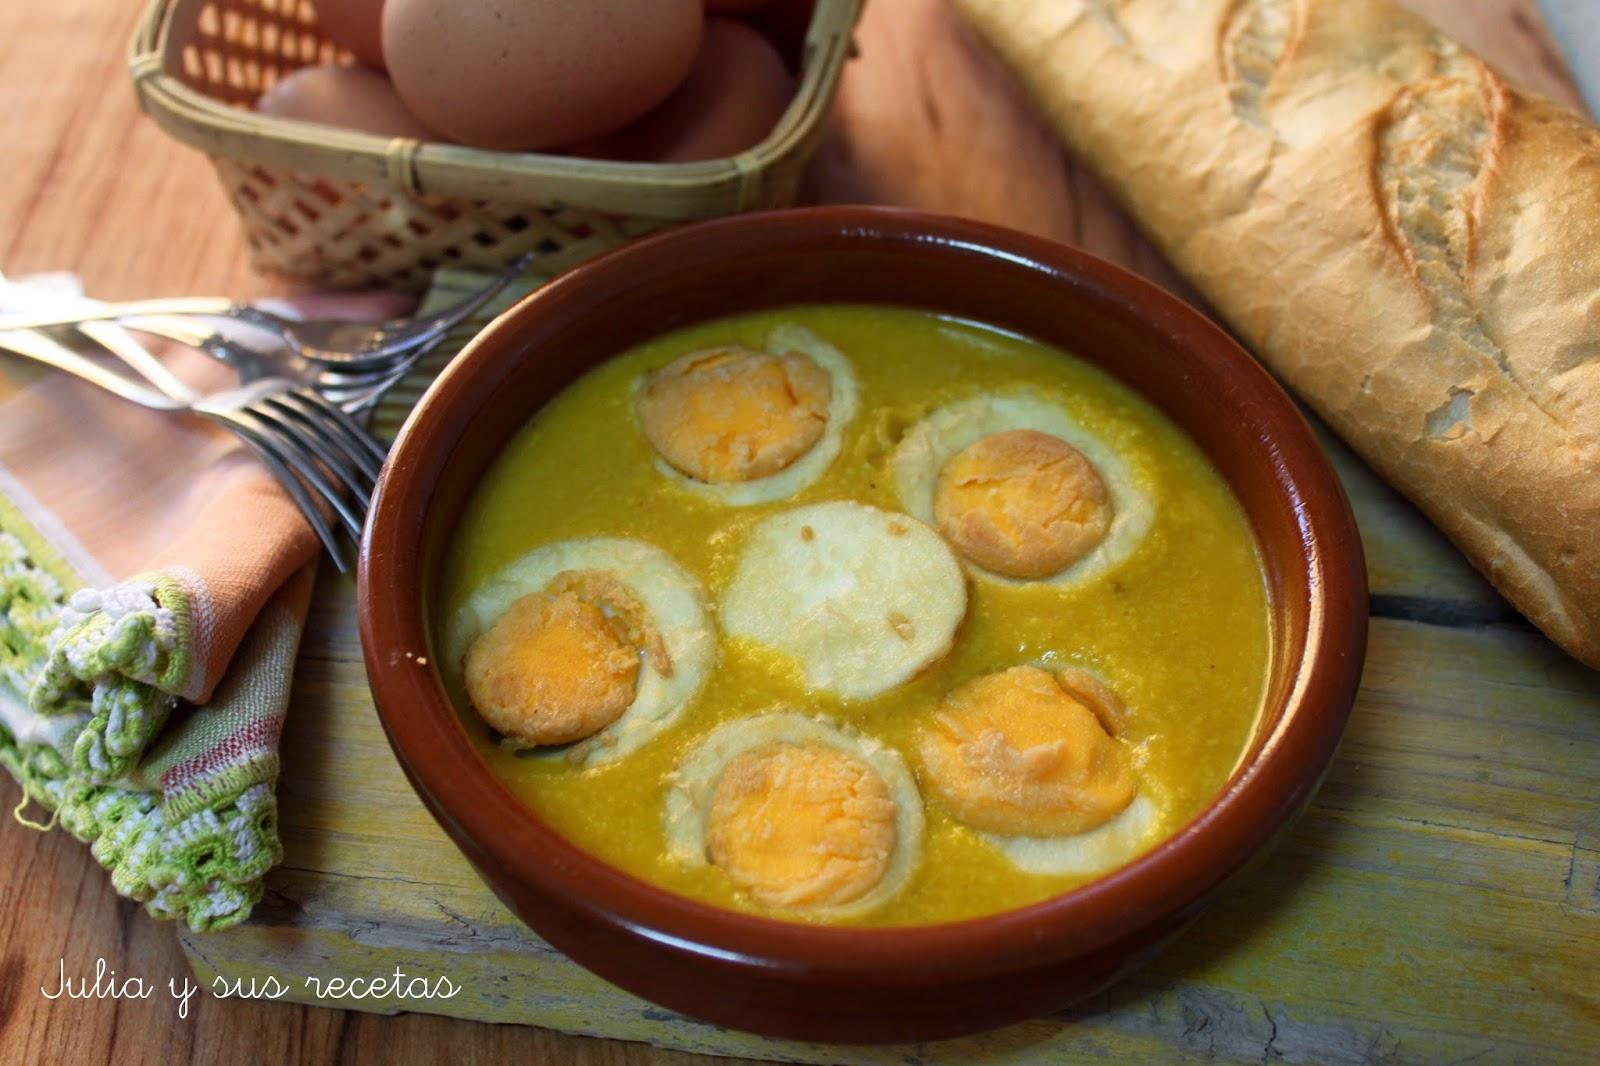 Huevos en salsa de almendras. Julia y sus recetas